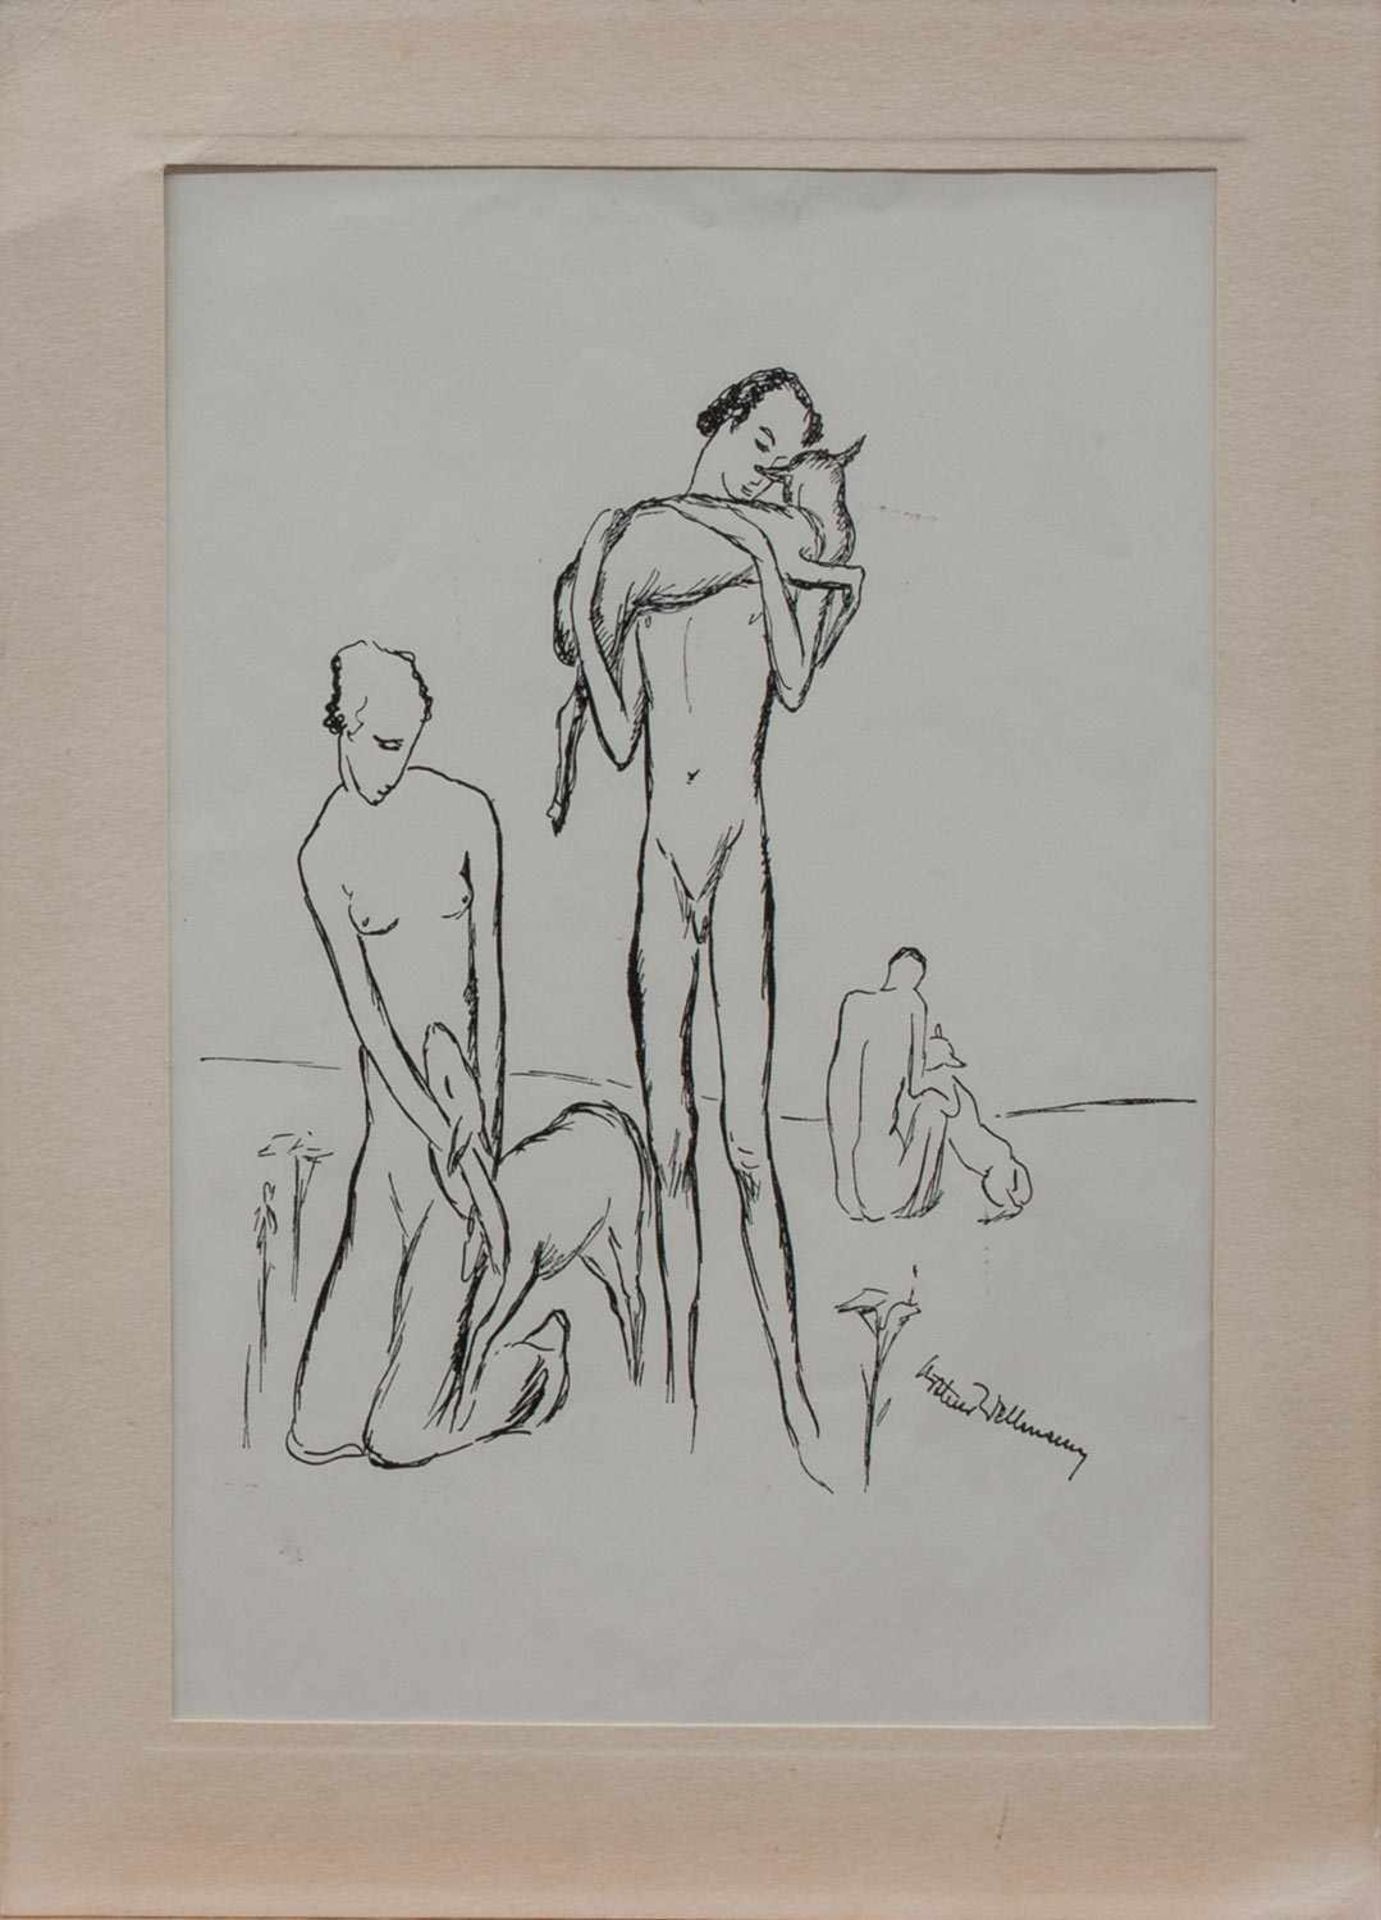 Arthur Wellmann (Magdeburg 1885 - 1970 Berlin, deutscher Grafiker, Zeichner und Bildhauer,